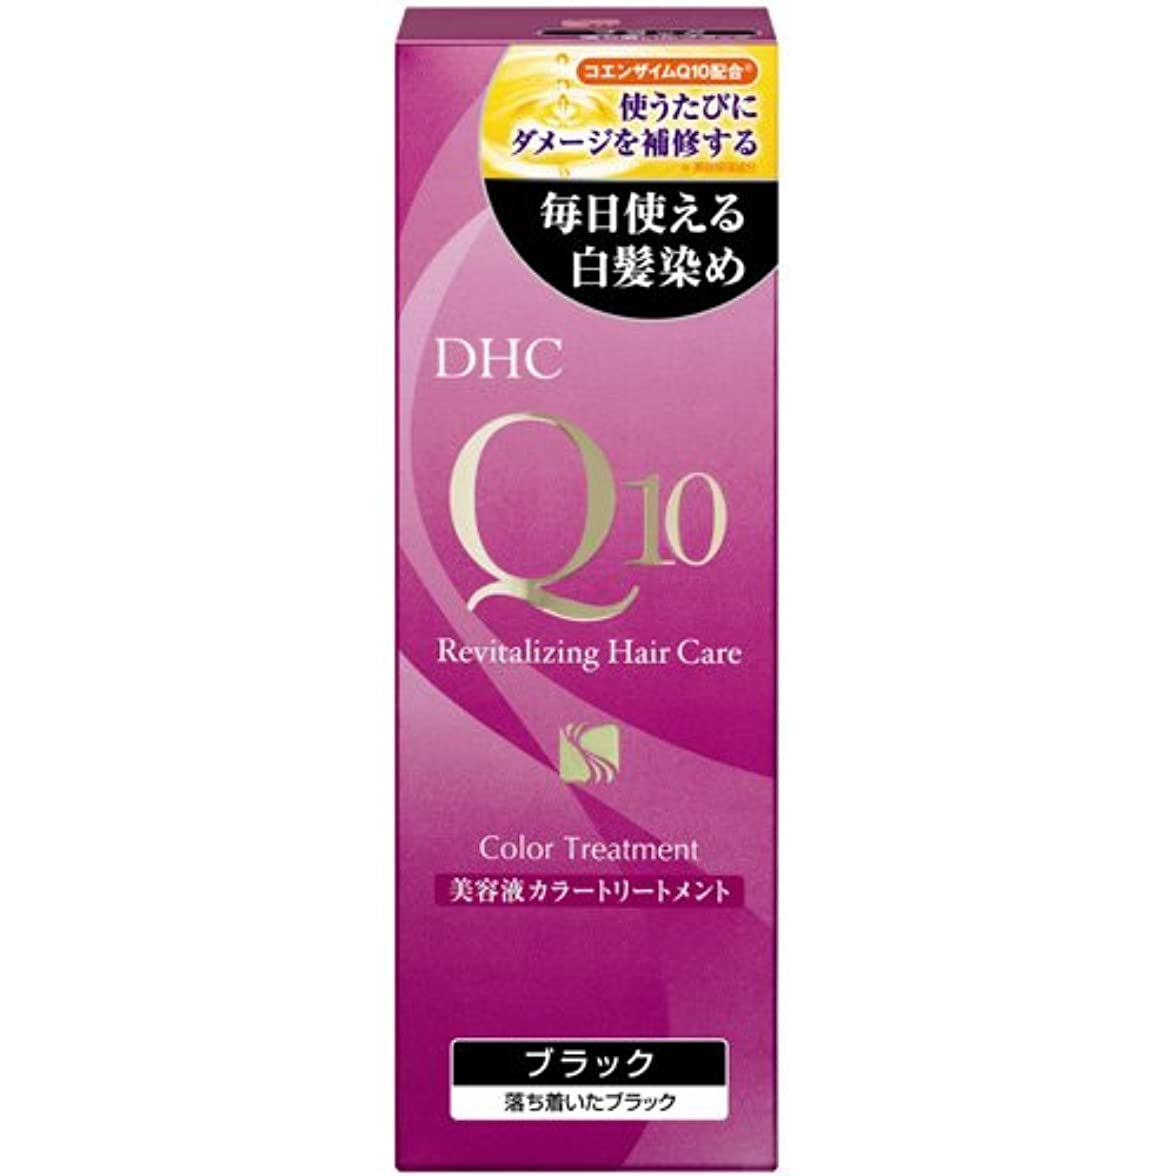 グラディスプロジェクター舌なDHC Q10美溶液カラートリートメントブラックSS170g